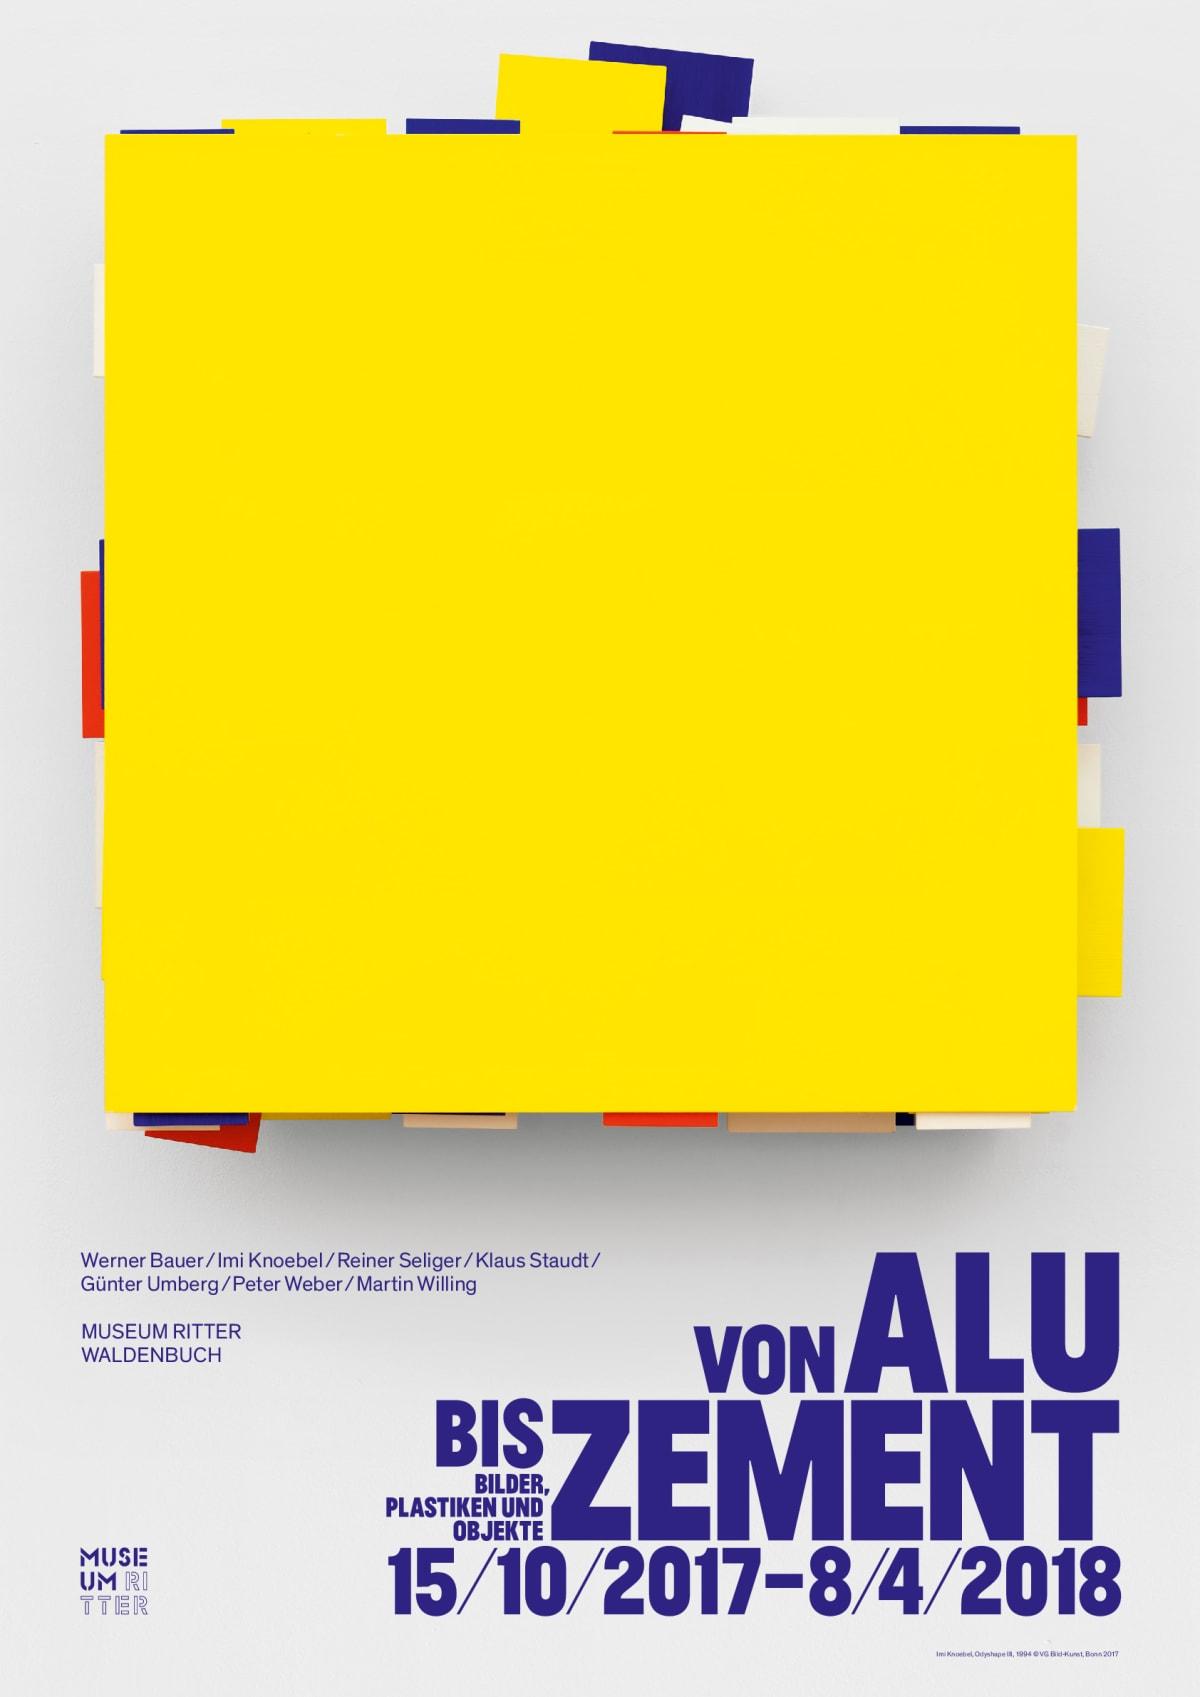 Imi Knoebel Poster 32.87 x 23.23 in 83.5 x 59 cm